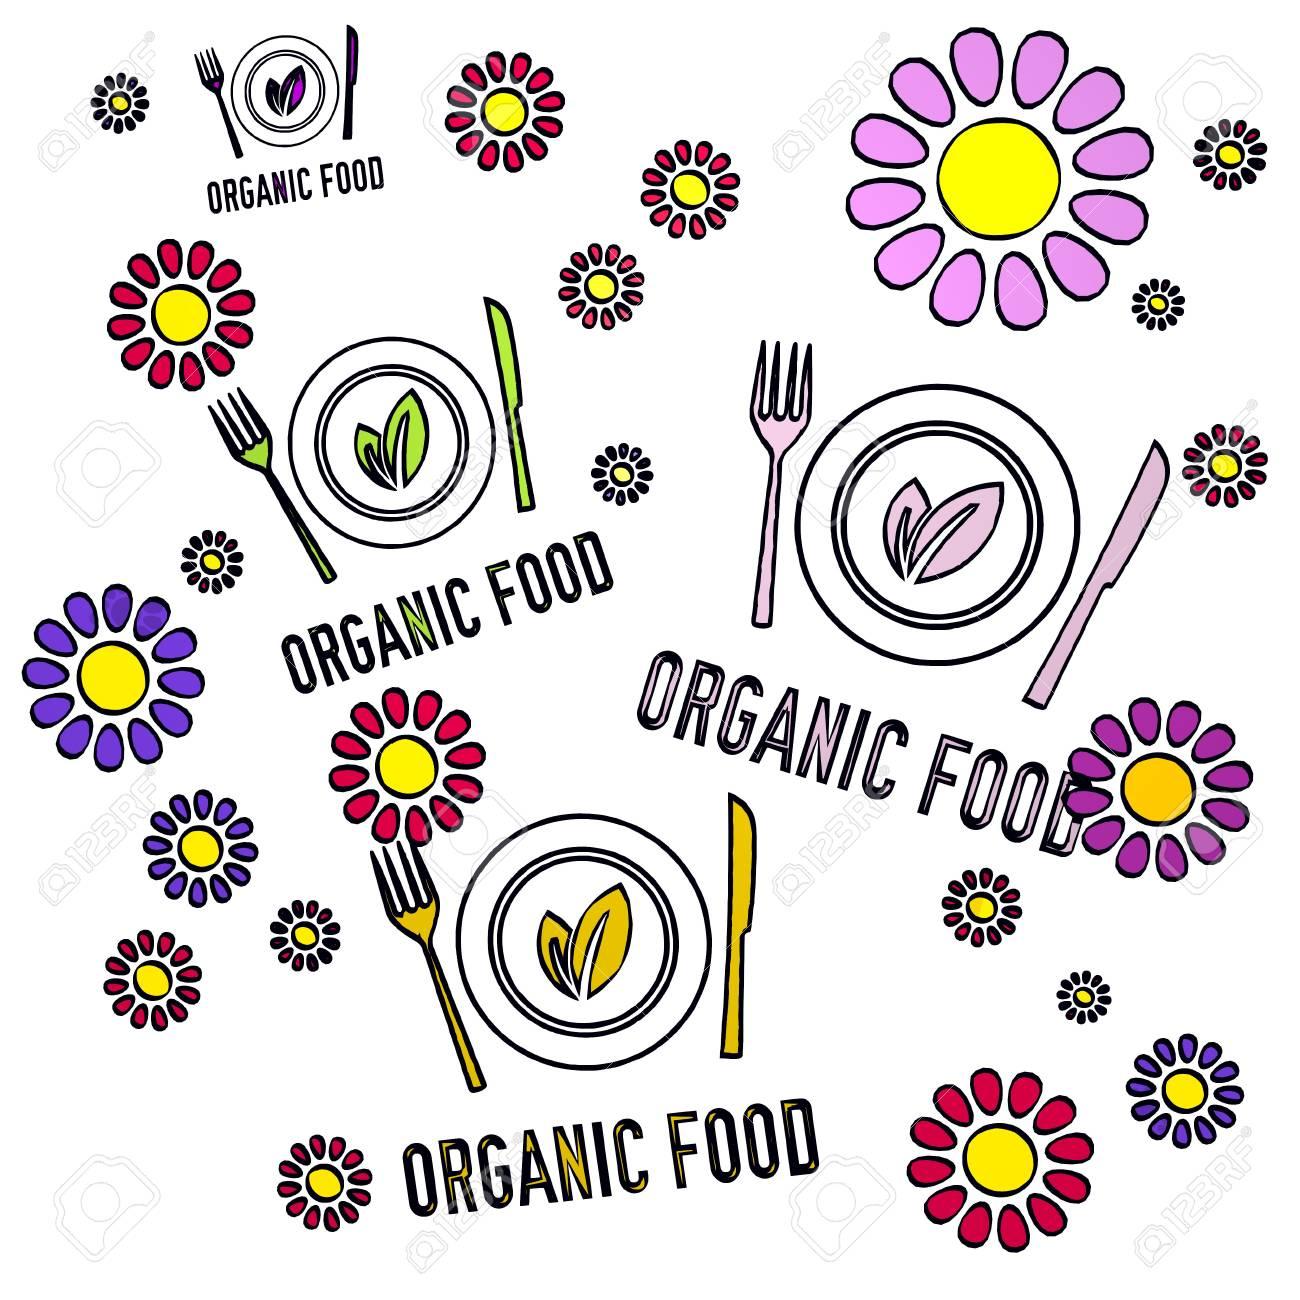 Croquis Dibujado Feliz Primavera Flor De La Mano De Cuatro Alimentos